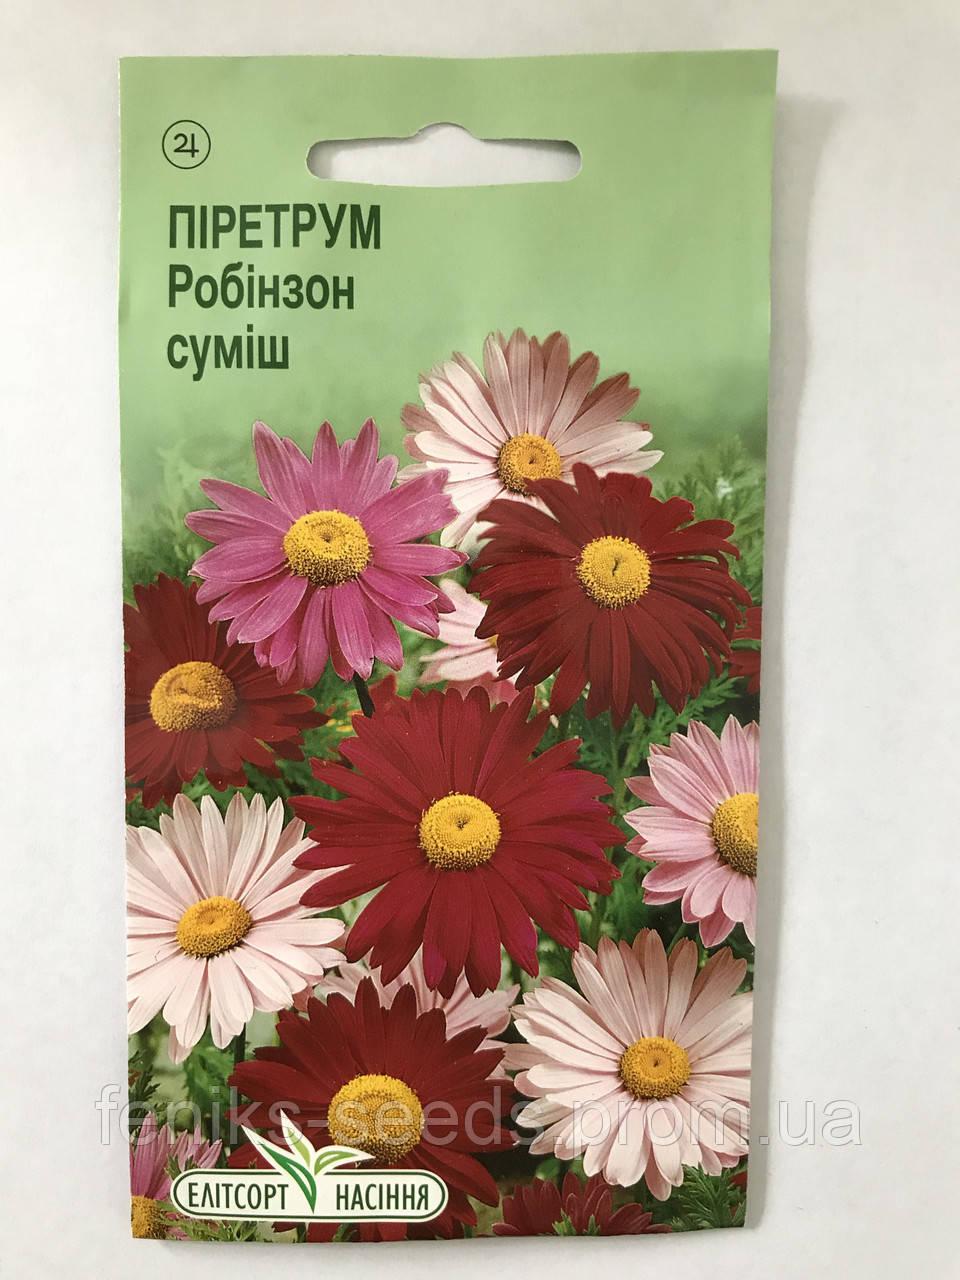 Семена Пиретрум Робинзон смесь 0,1г ЭлитСорт